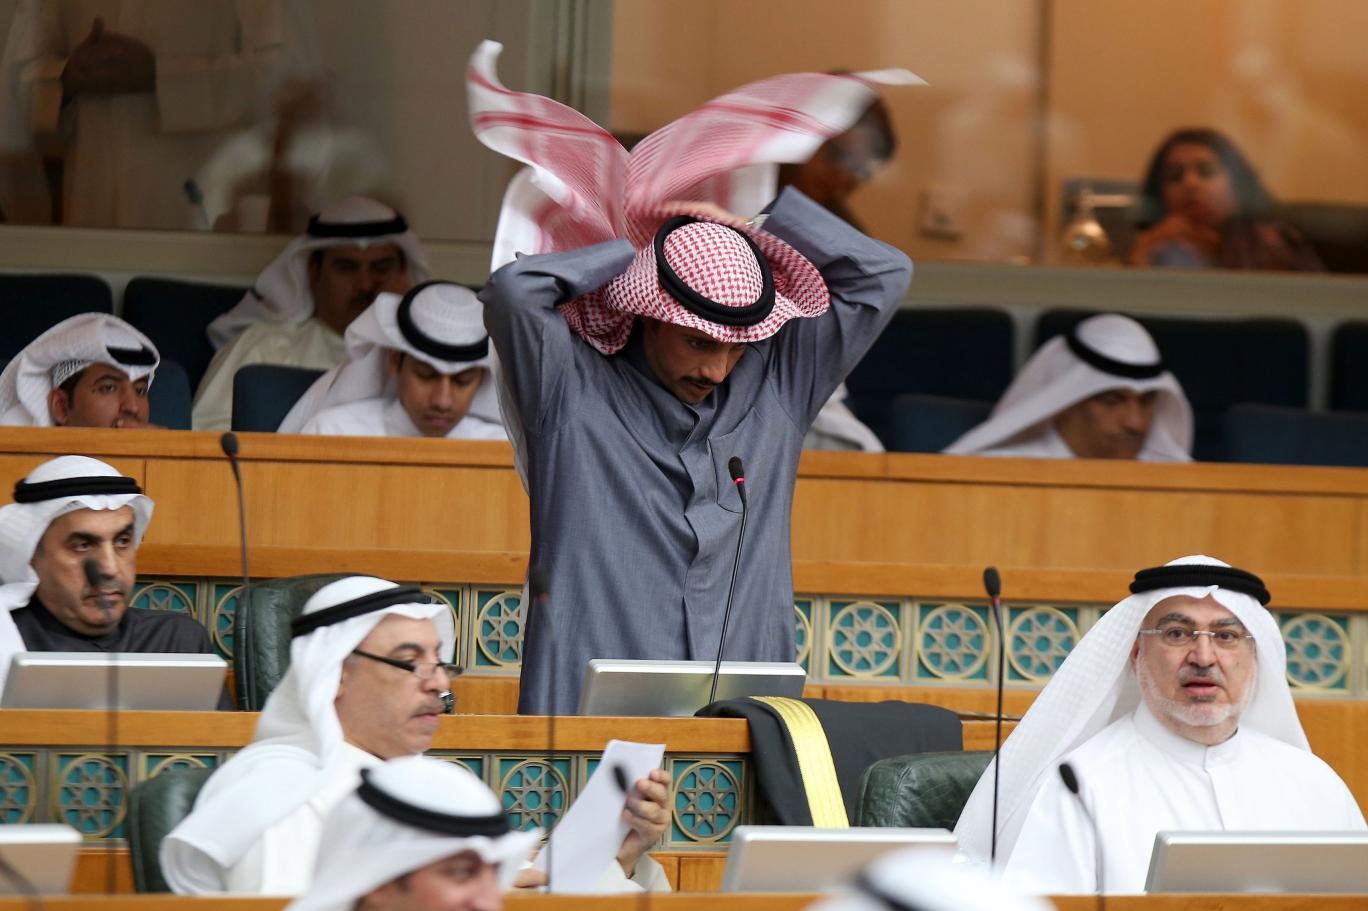 الكويت، مجلس الأمة، مرزوق الغانم،  صباح الخالد،  المعارضة الكويتية حربوشة نيوز